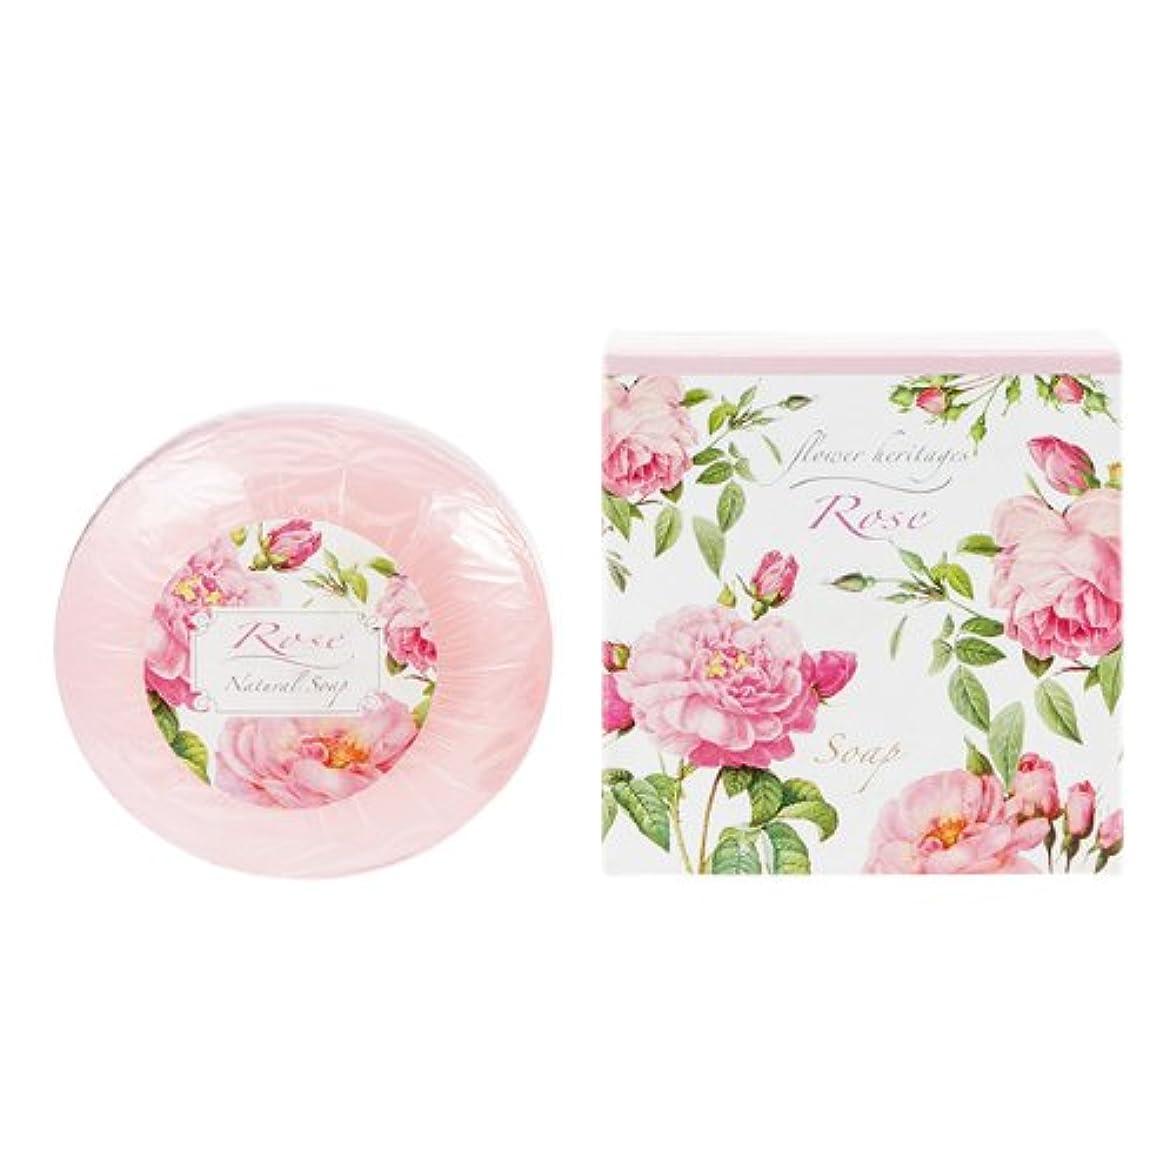 ネックレット分戸惑うネイチャータッチ (Nature Touch) Flower Heritage ソープ120g/ローズ